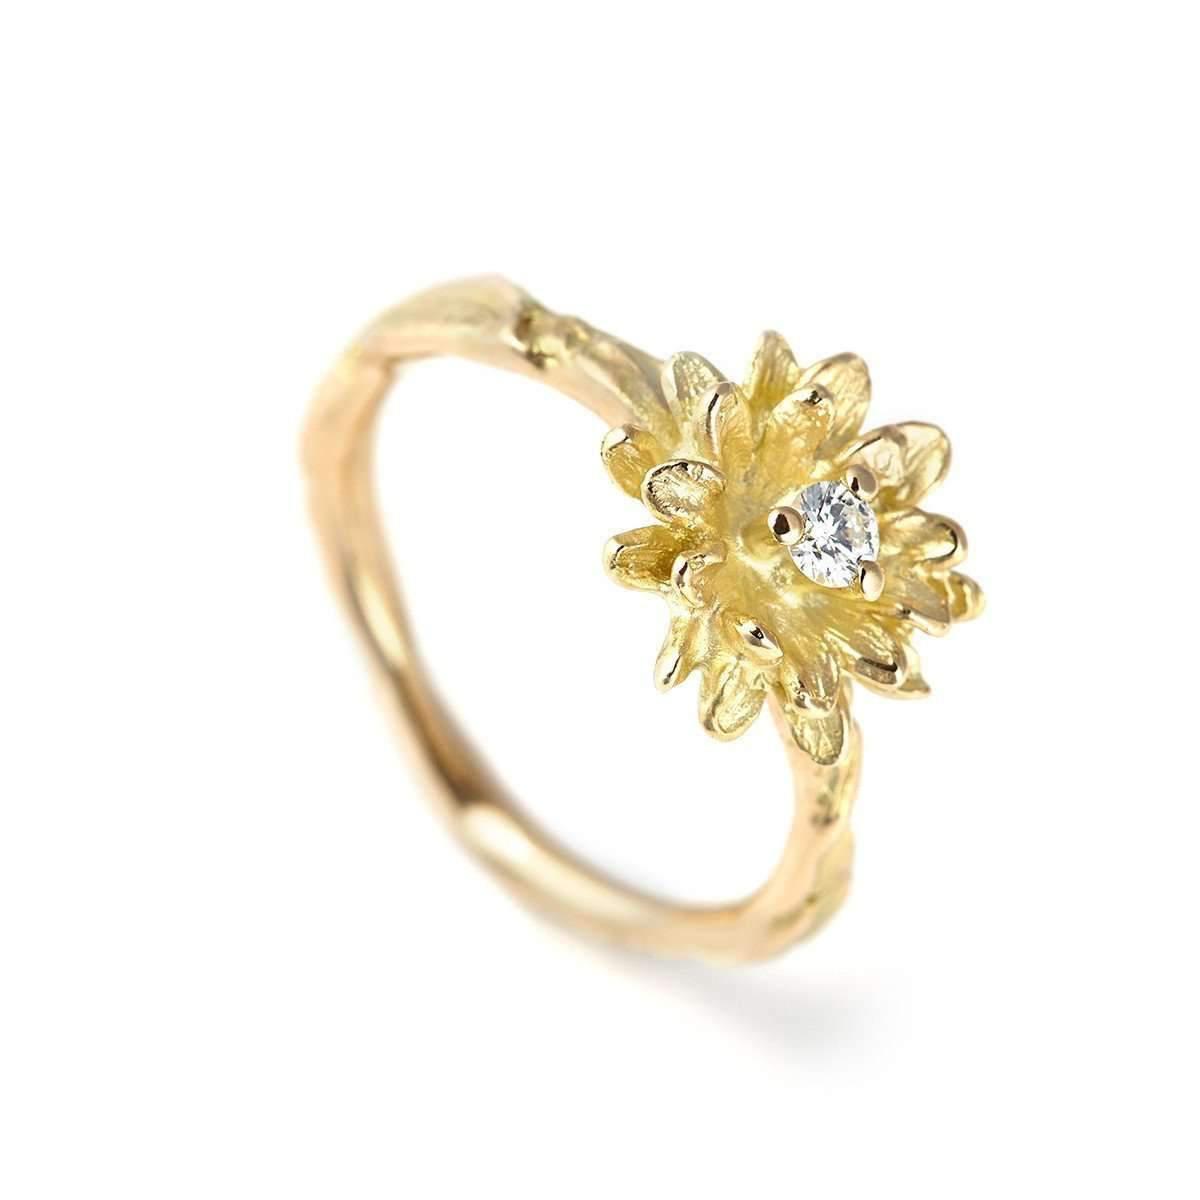 Lyst ehinger schwarz 1876 diamond flowers ring daisy in metallic ehinger schwarz 1876 womens metallic diamond flowers ring daisy izmirmasajfo